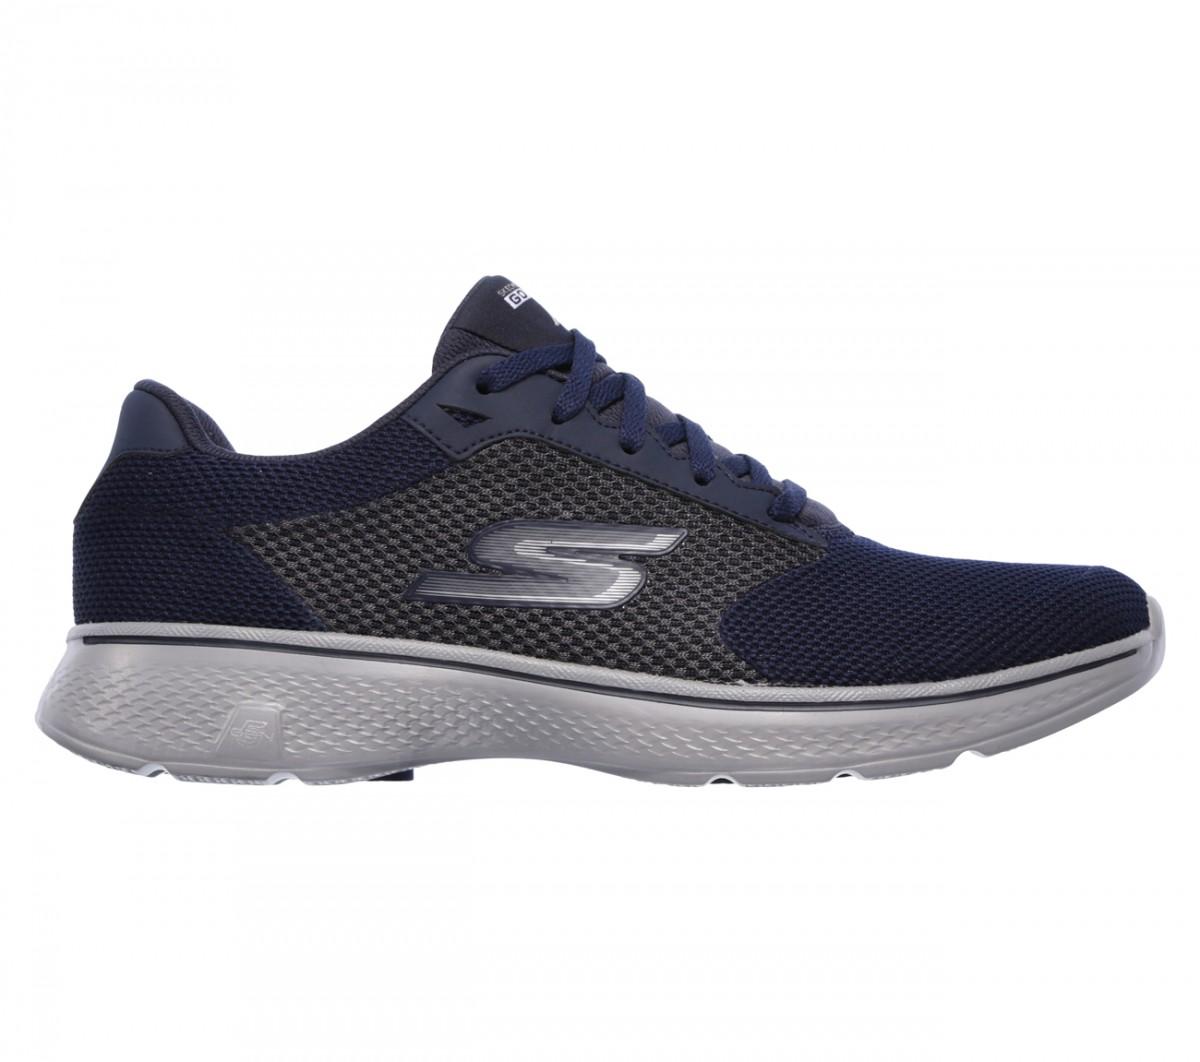 a3fae655b2 Bizz Store - Tênis Masculino Skechers Go Walk 4 Caminhada